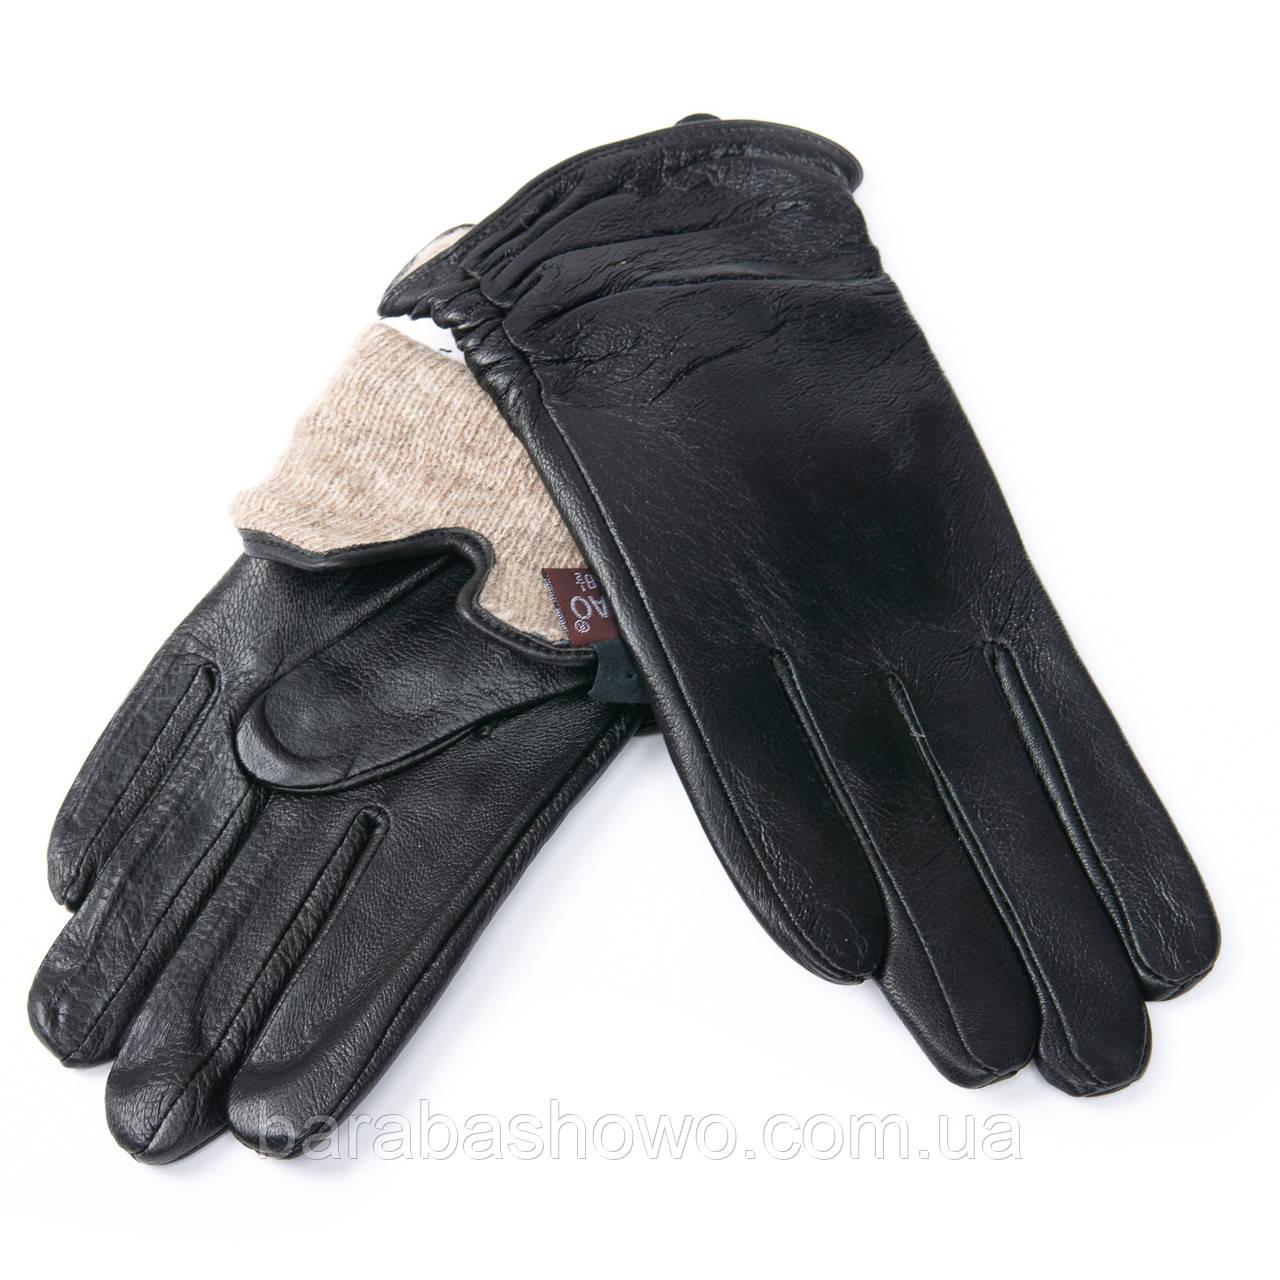 Кожаные женские перчатки, черные. Подкладка - шерсть. MOD 6